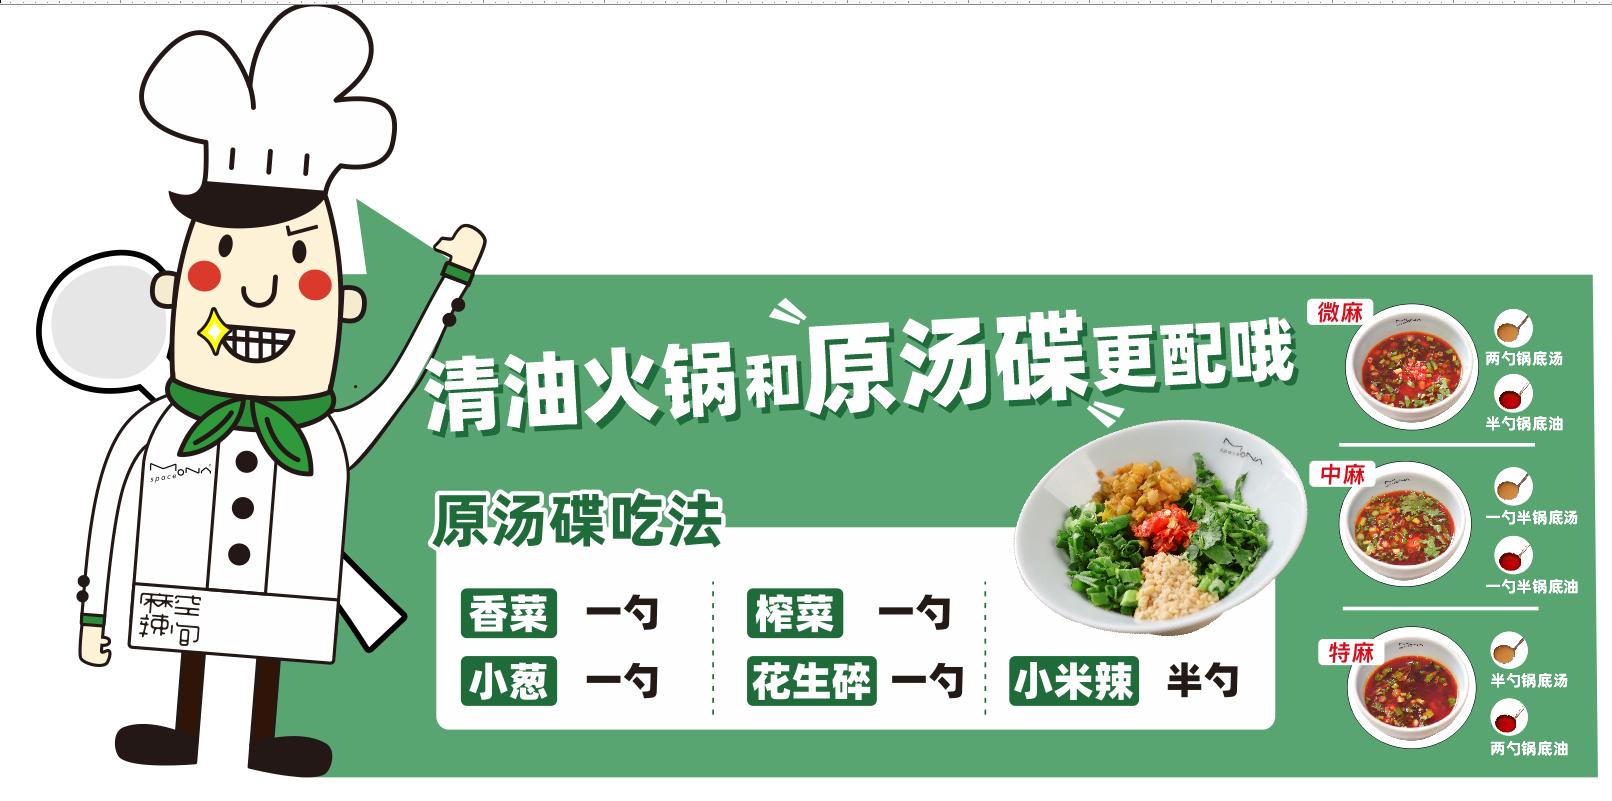 原汤碟的吃法_wps图片.png